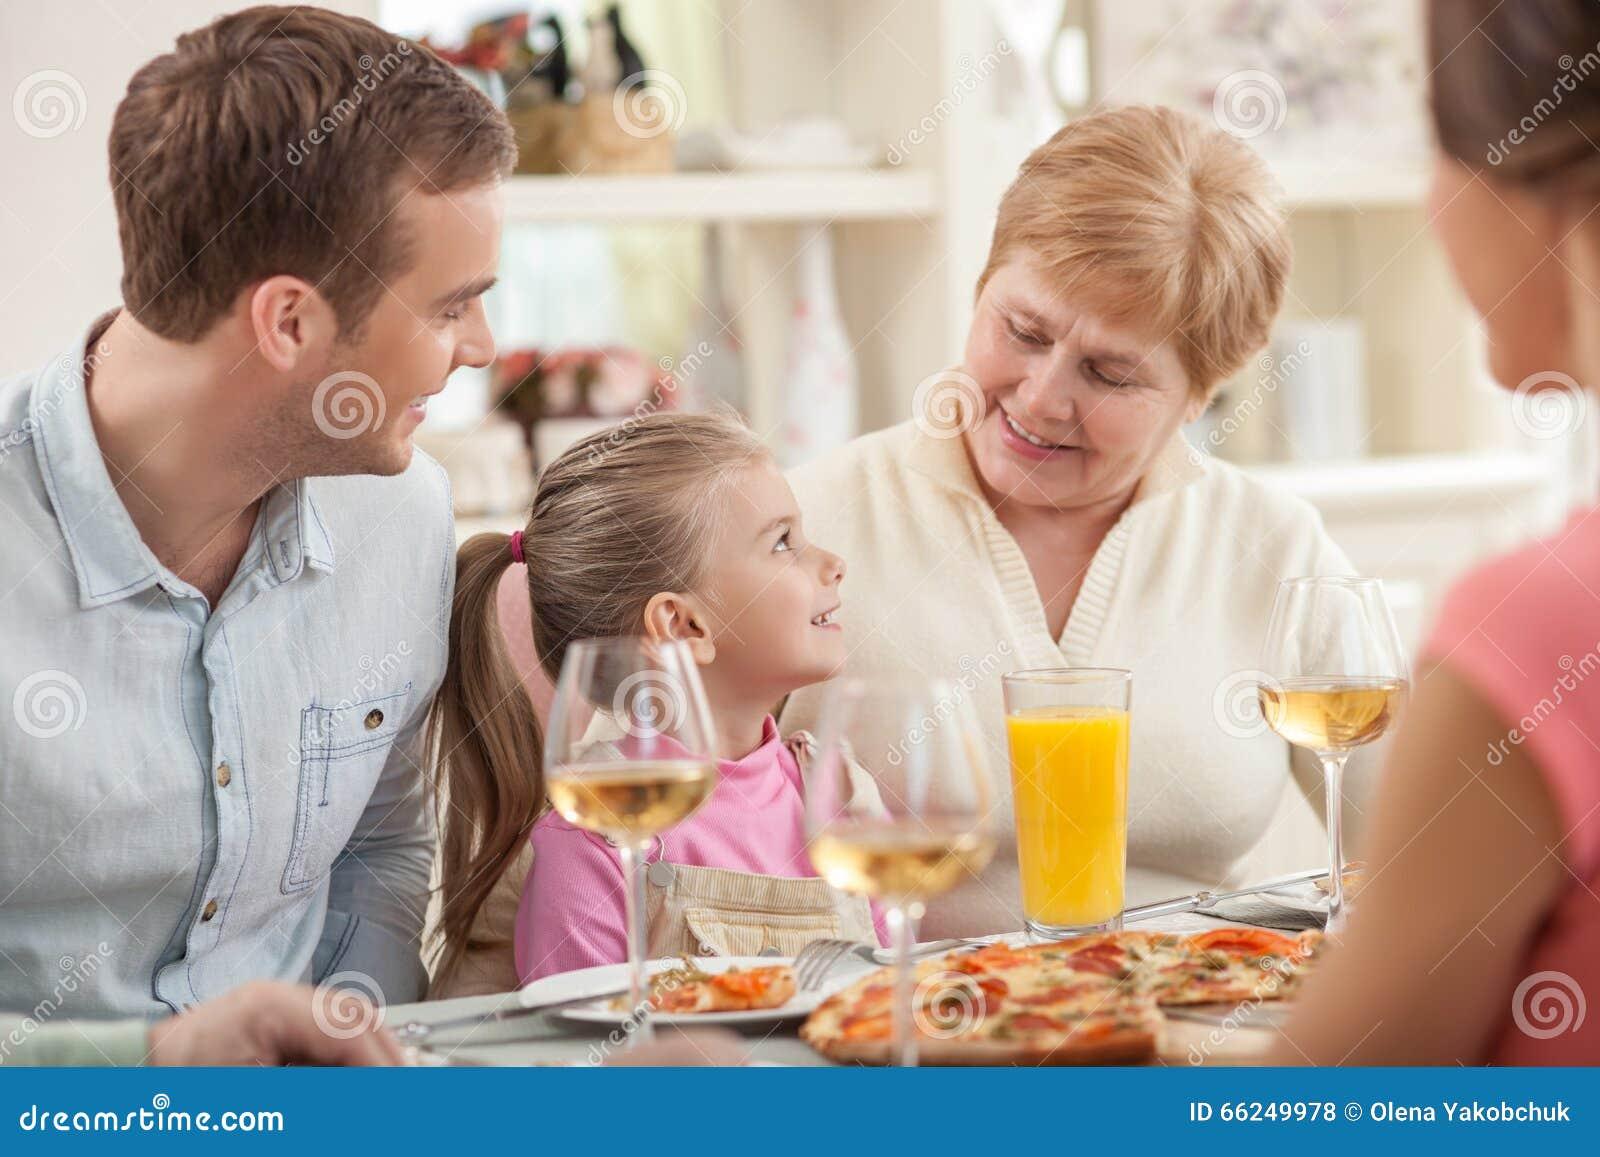 De Oude Dame Viert Haar Verjaardag Met Familie Stock Foto